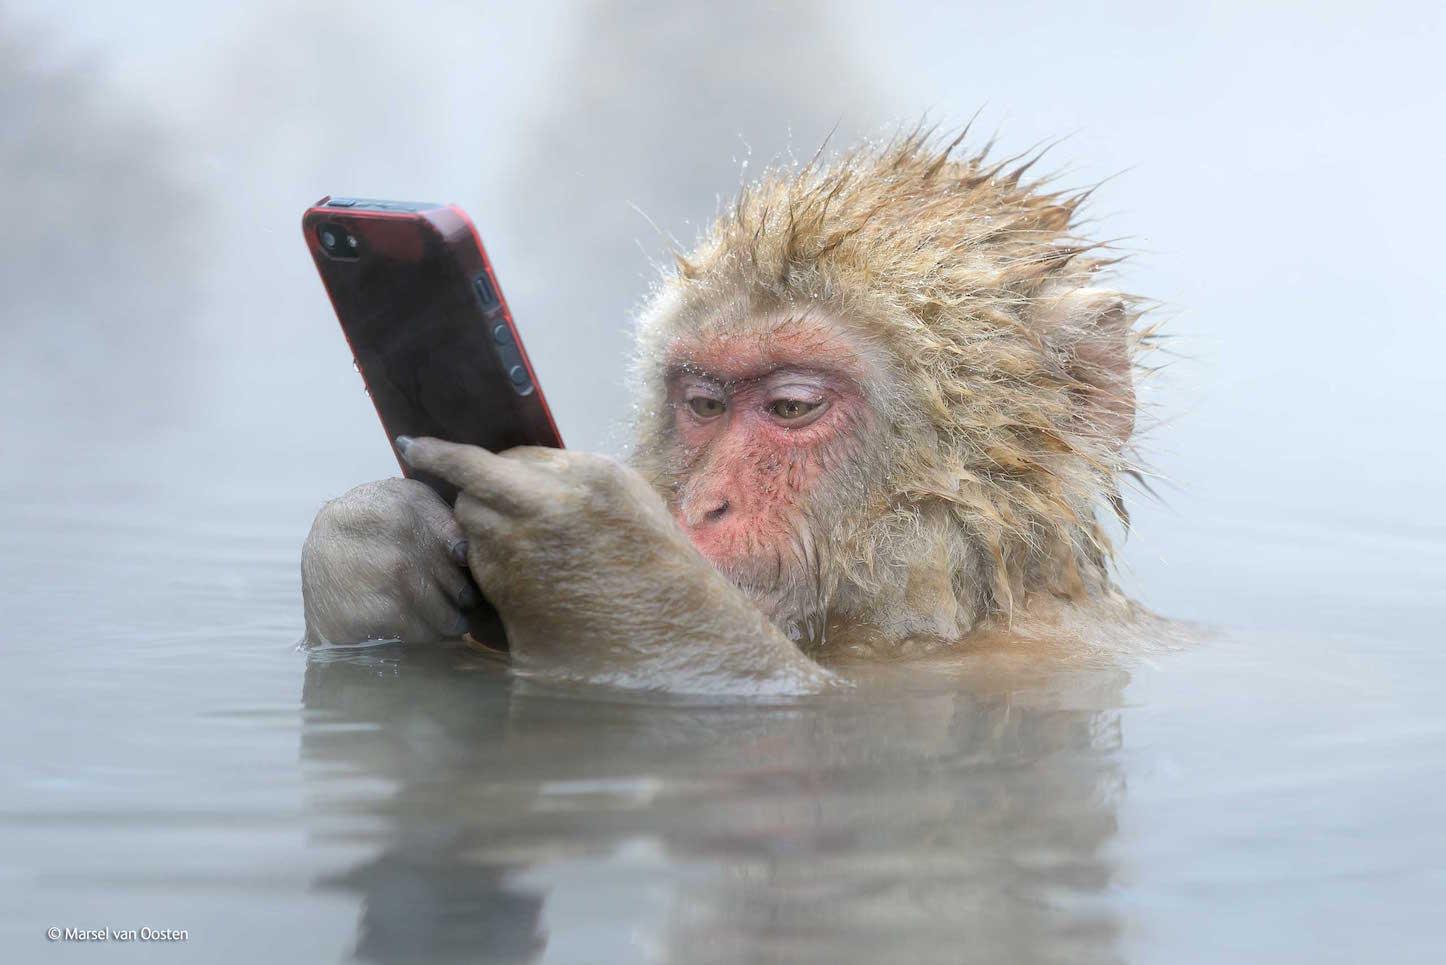 温泉につかりながらiPhoneをいじるニホンザル